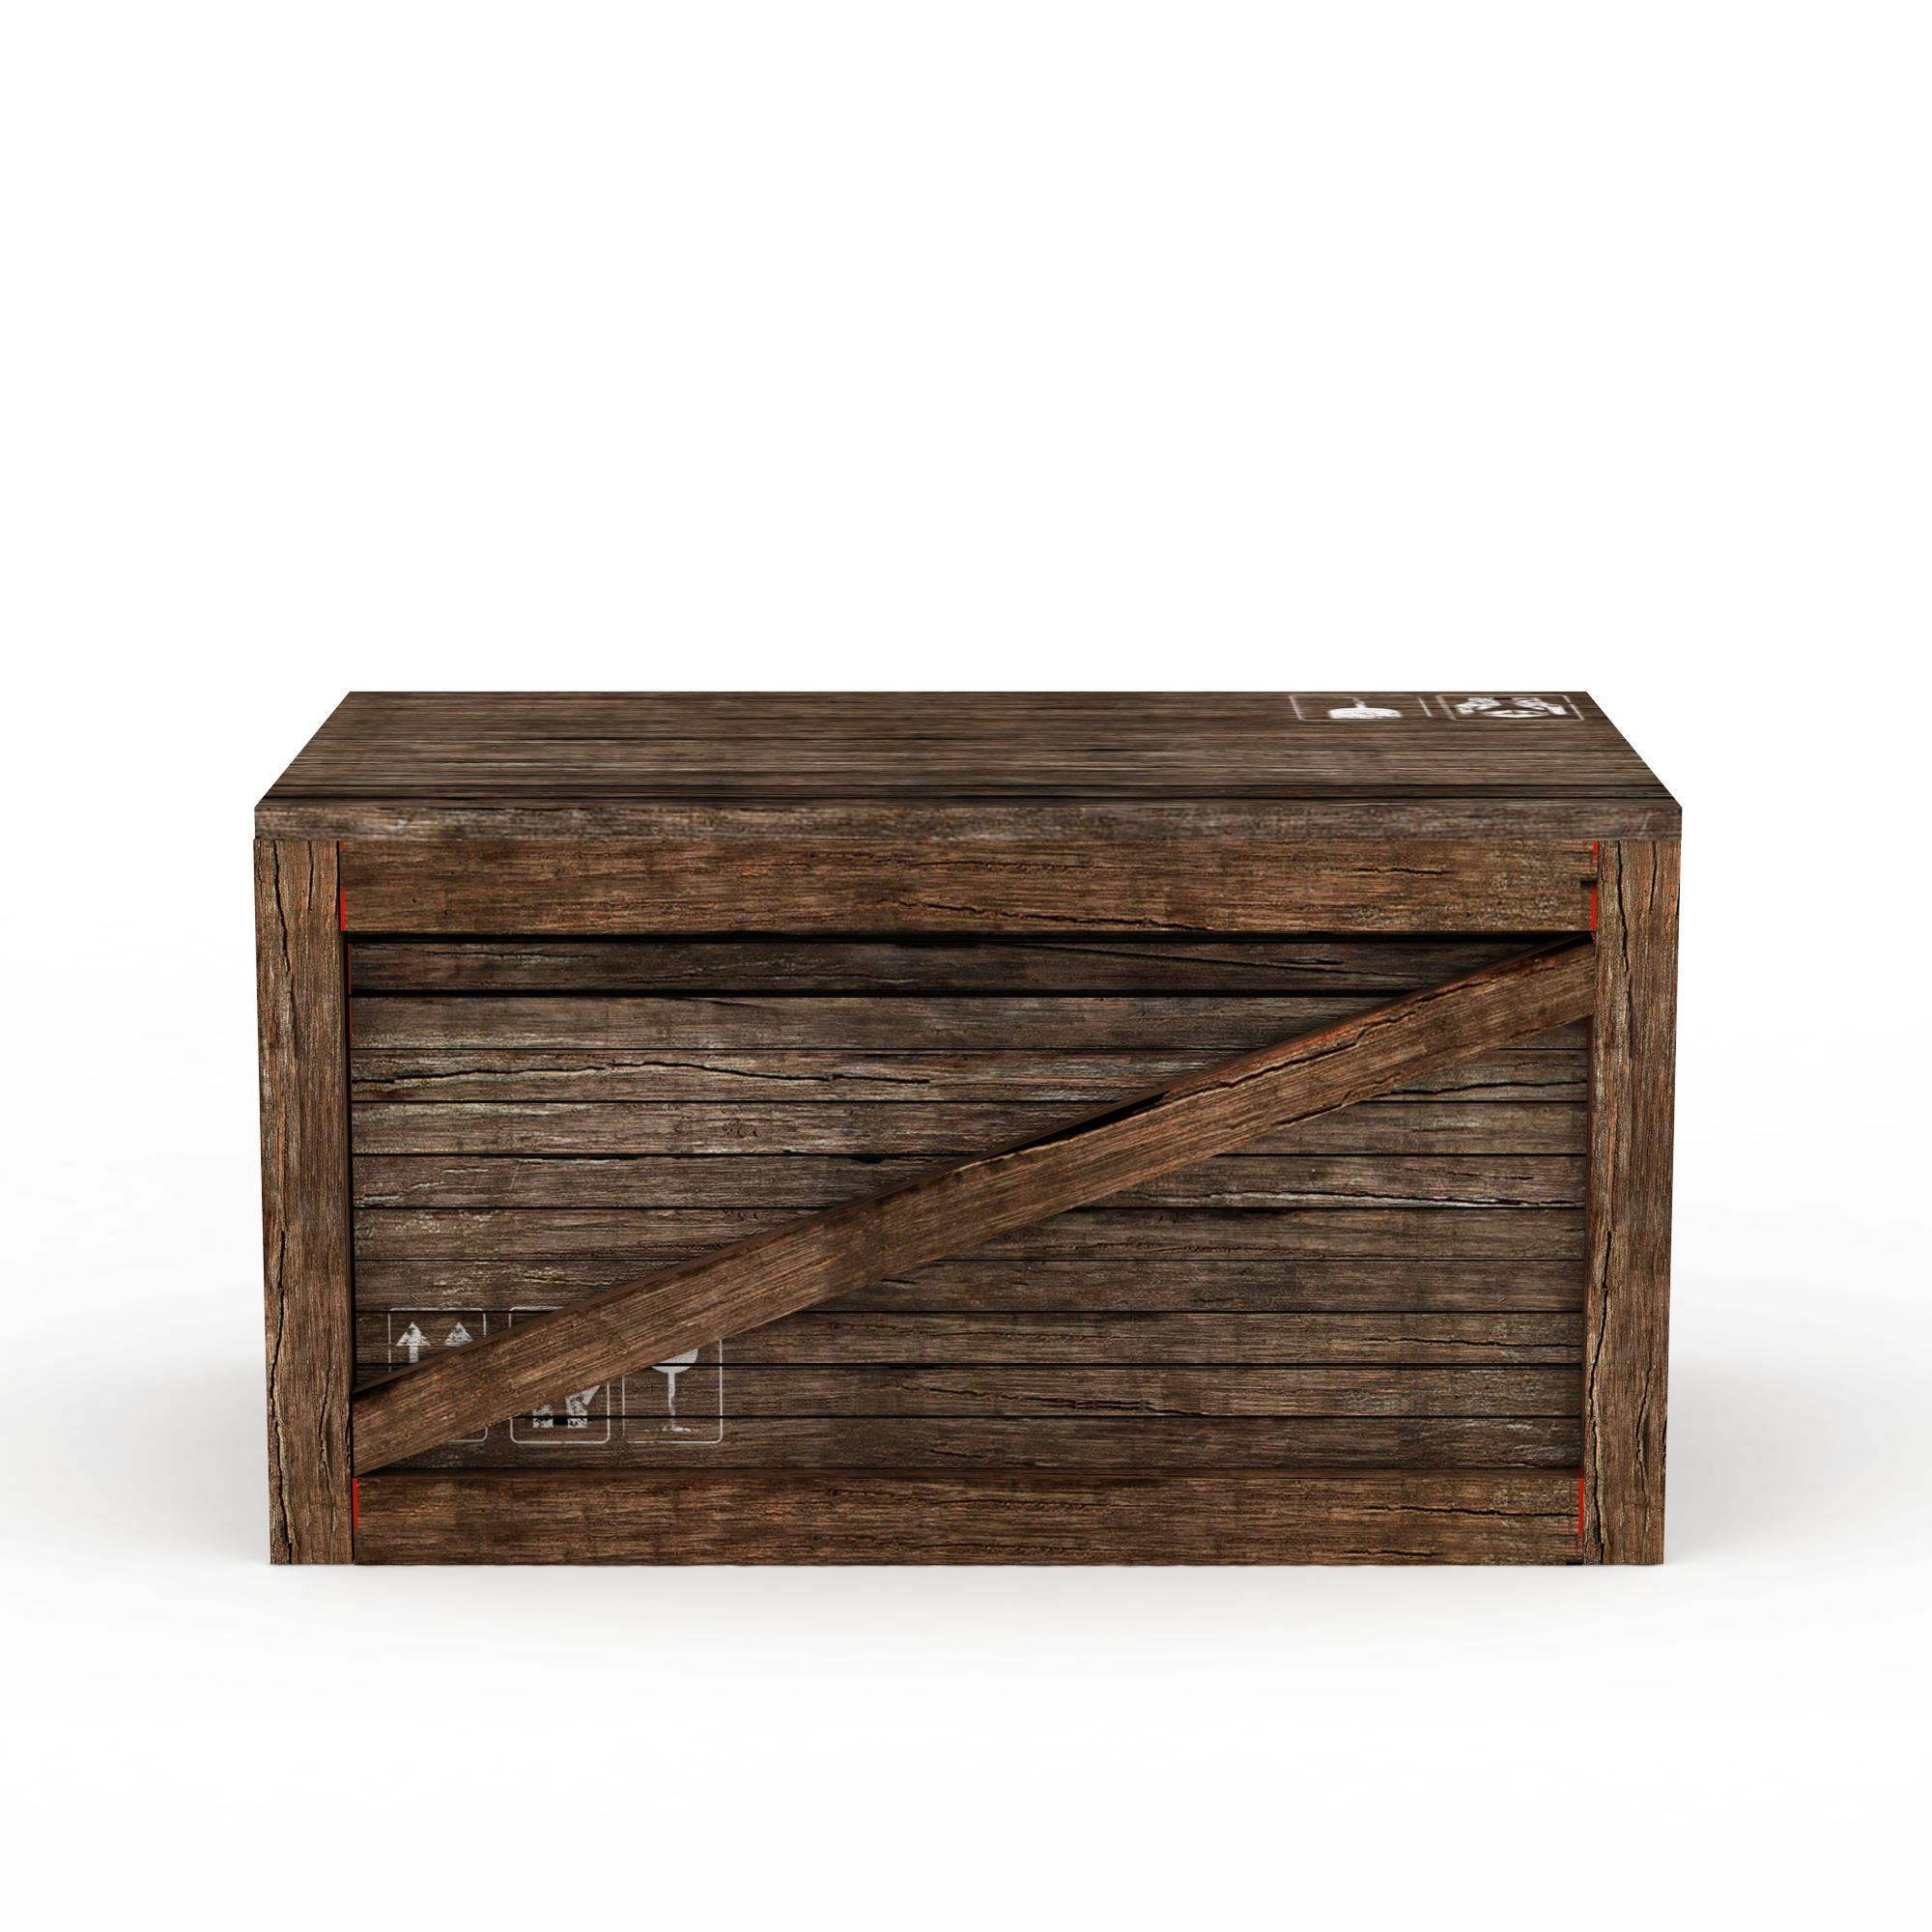 木箱图片_木箱png图片素材_木箱png高清图下载